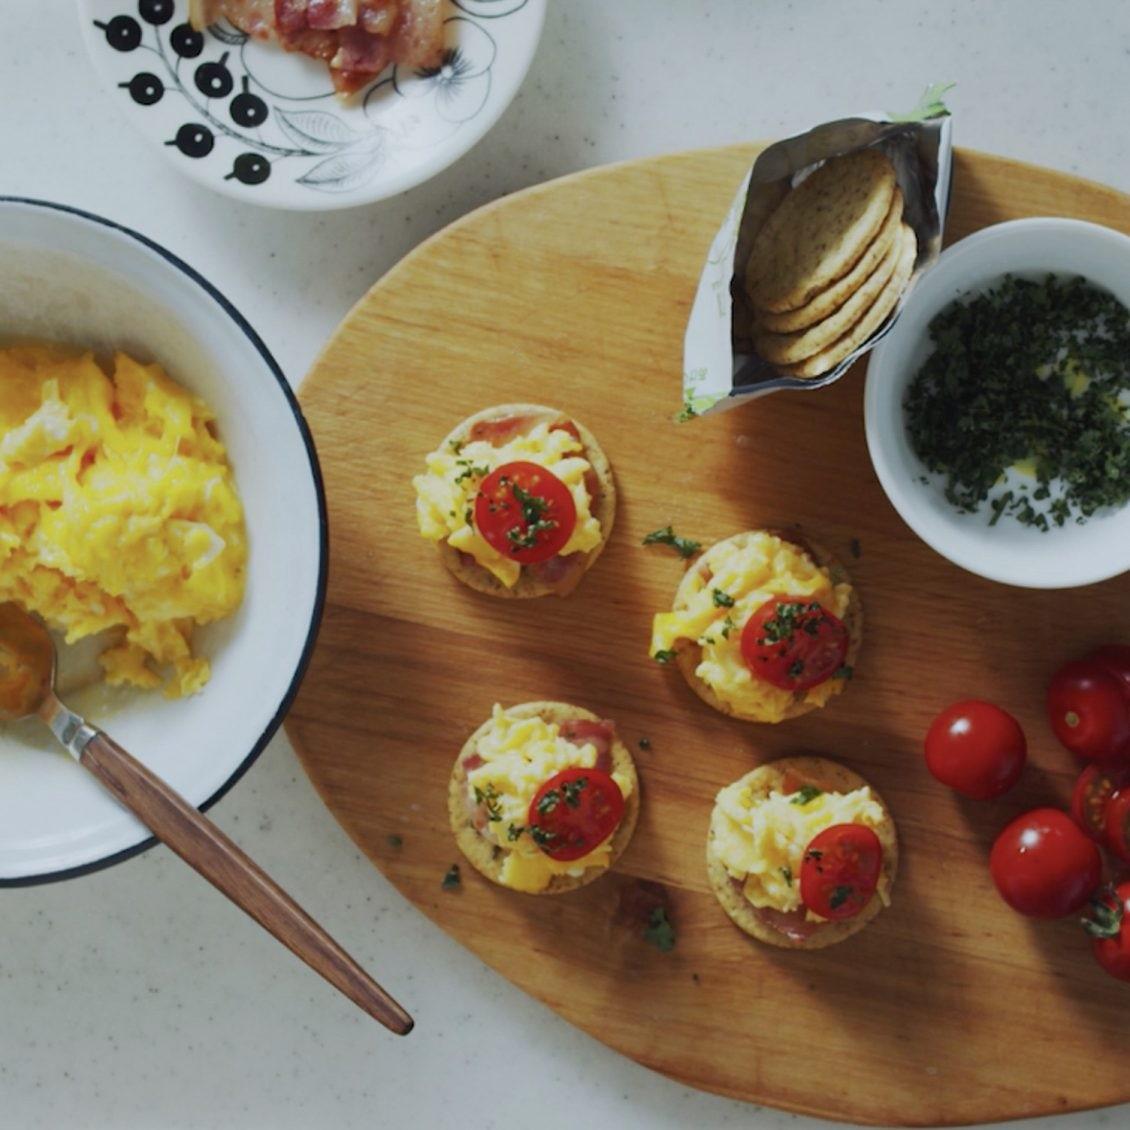 【新ミニドラマが完成】朝食をテーマに「青葉家のテーブル」のアナザーストーリーをつくりました!